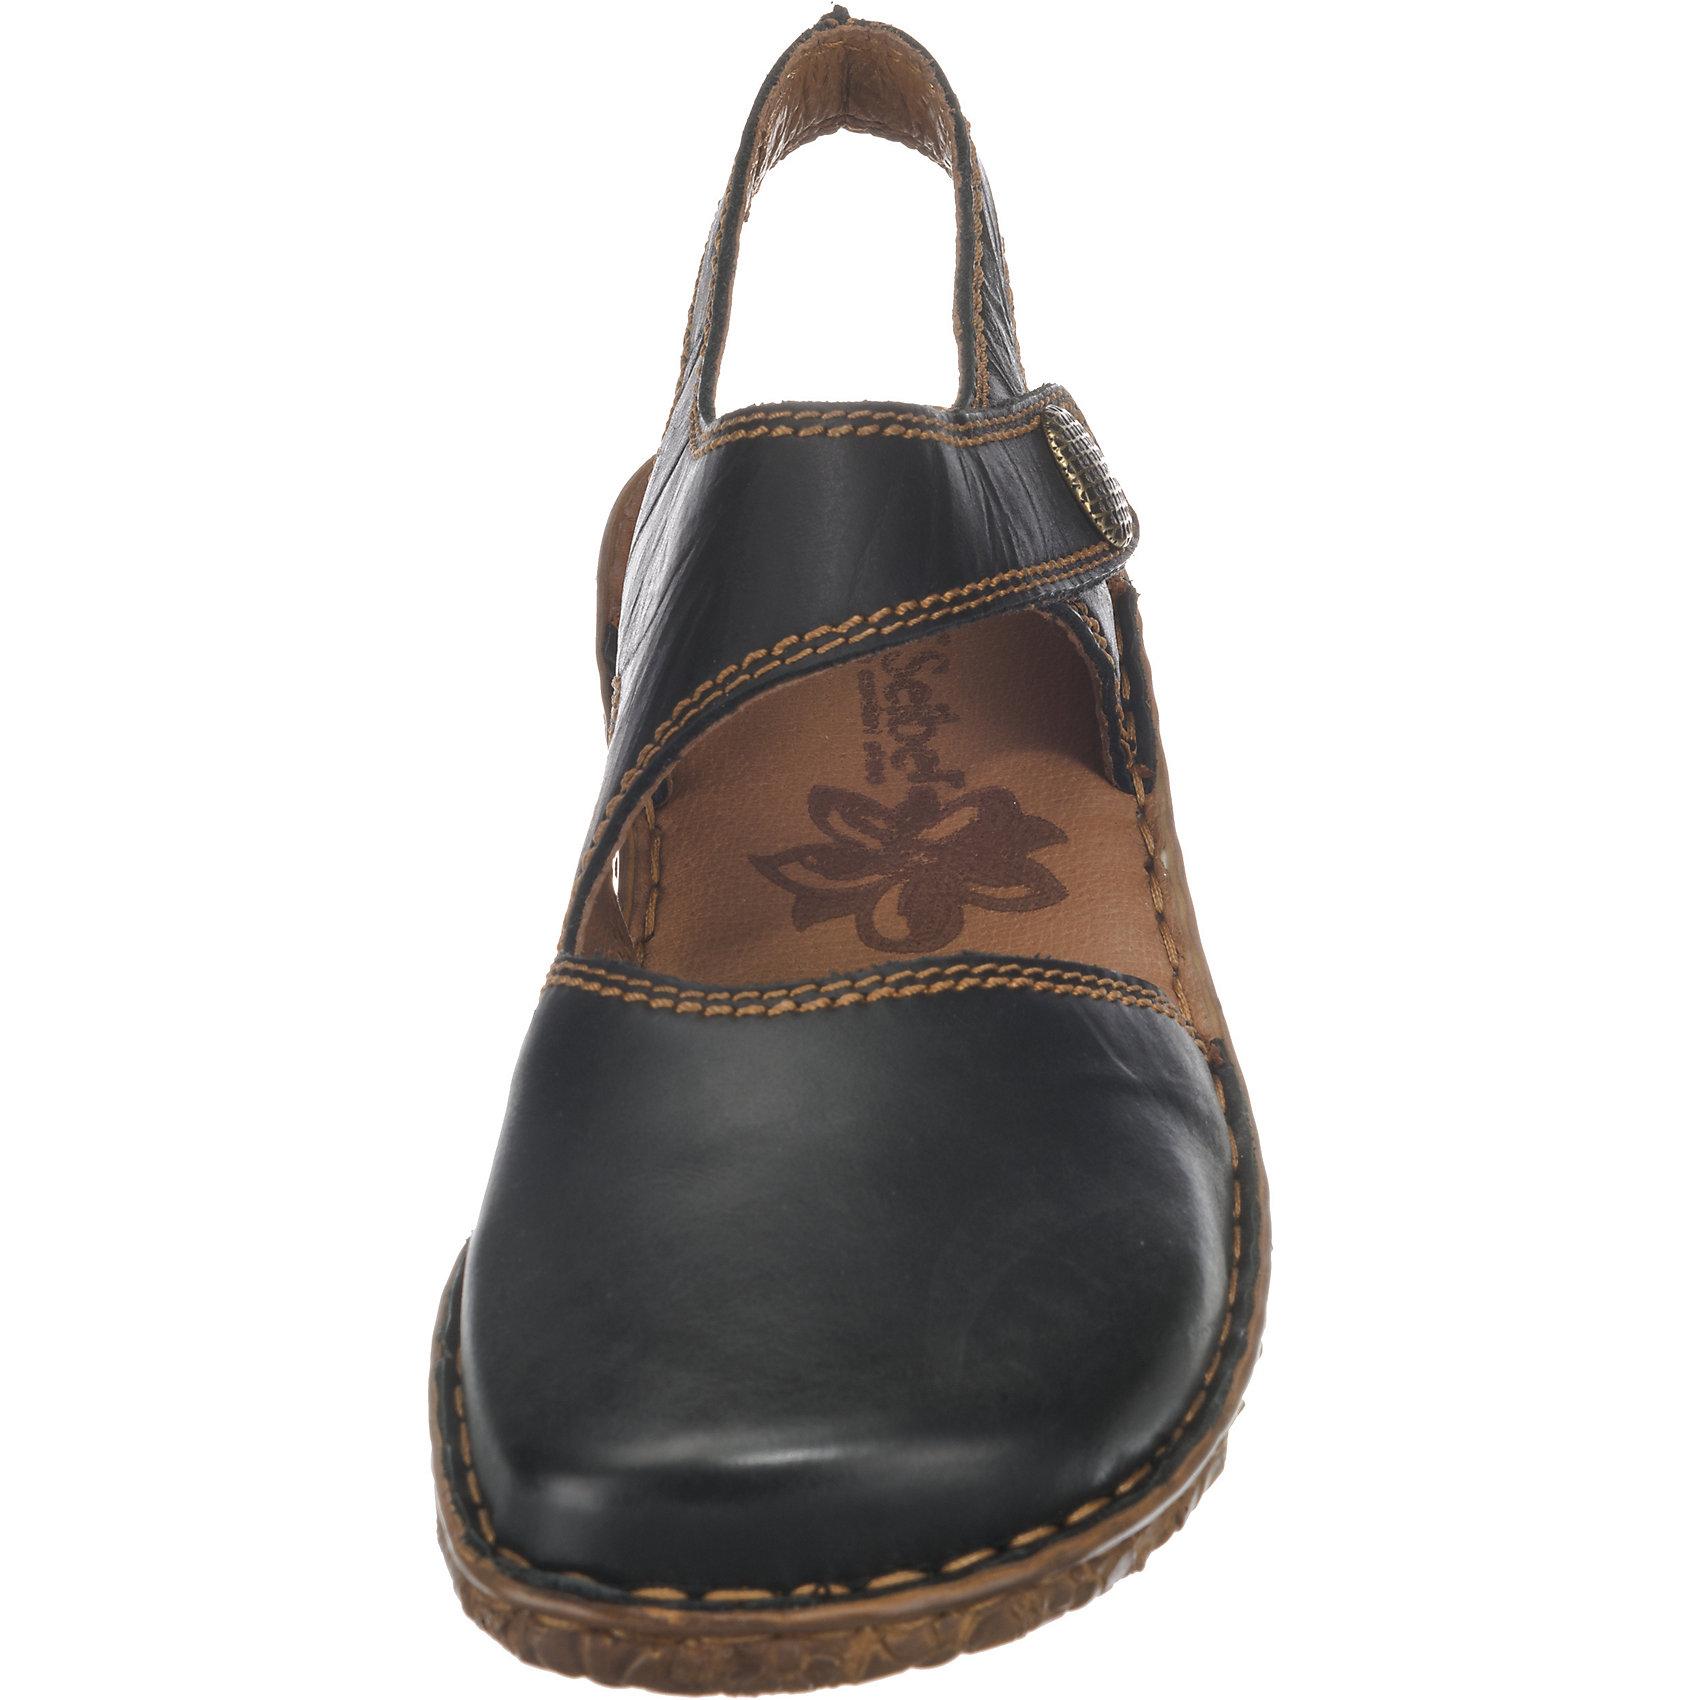 Neu Josef Seibel Rosalie 27 Klassische Sandale 7432618 für Damen